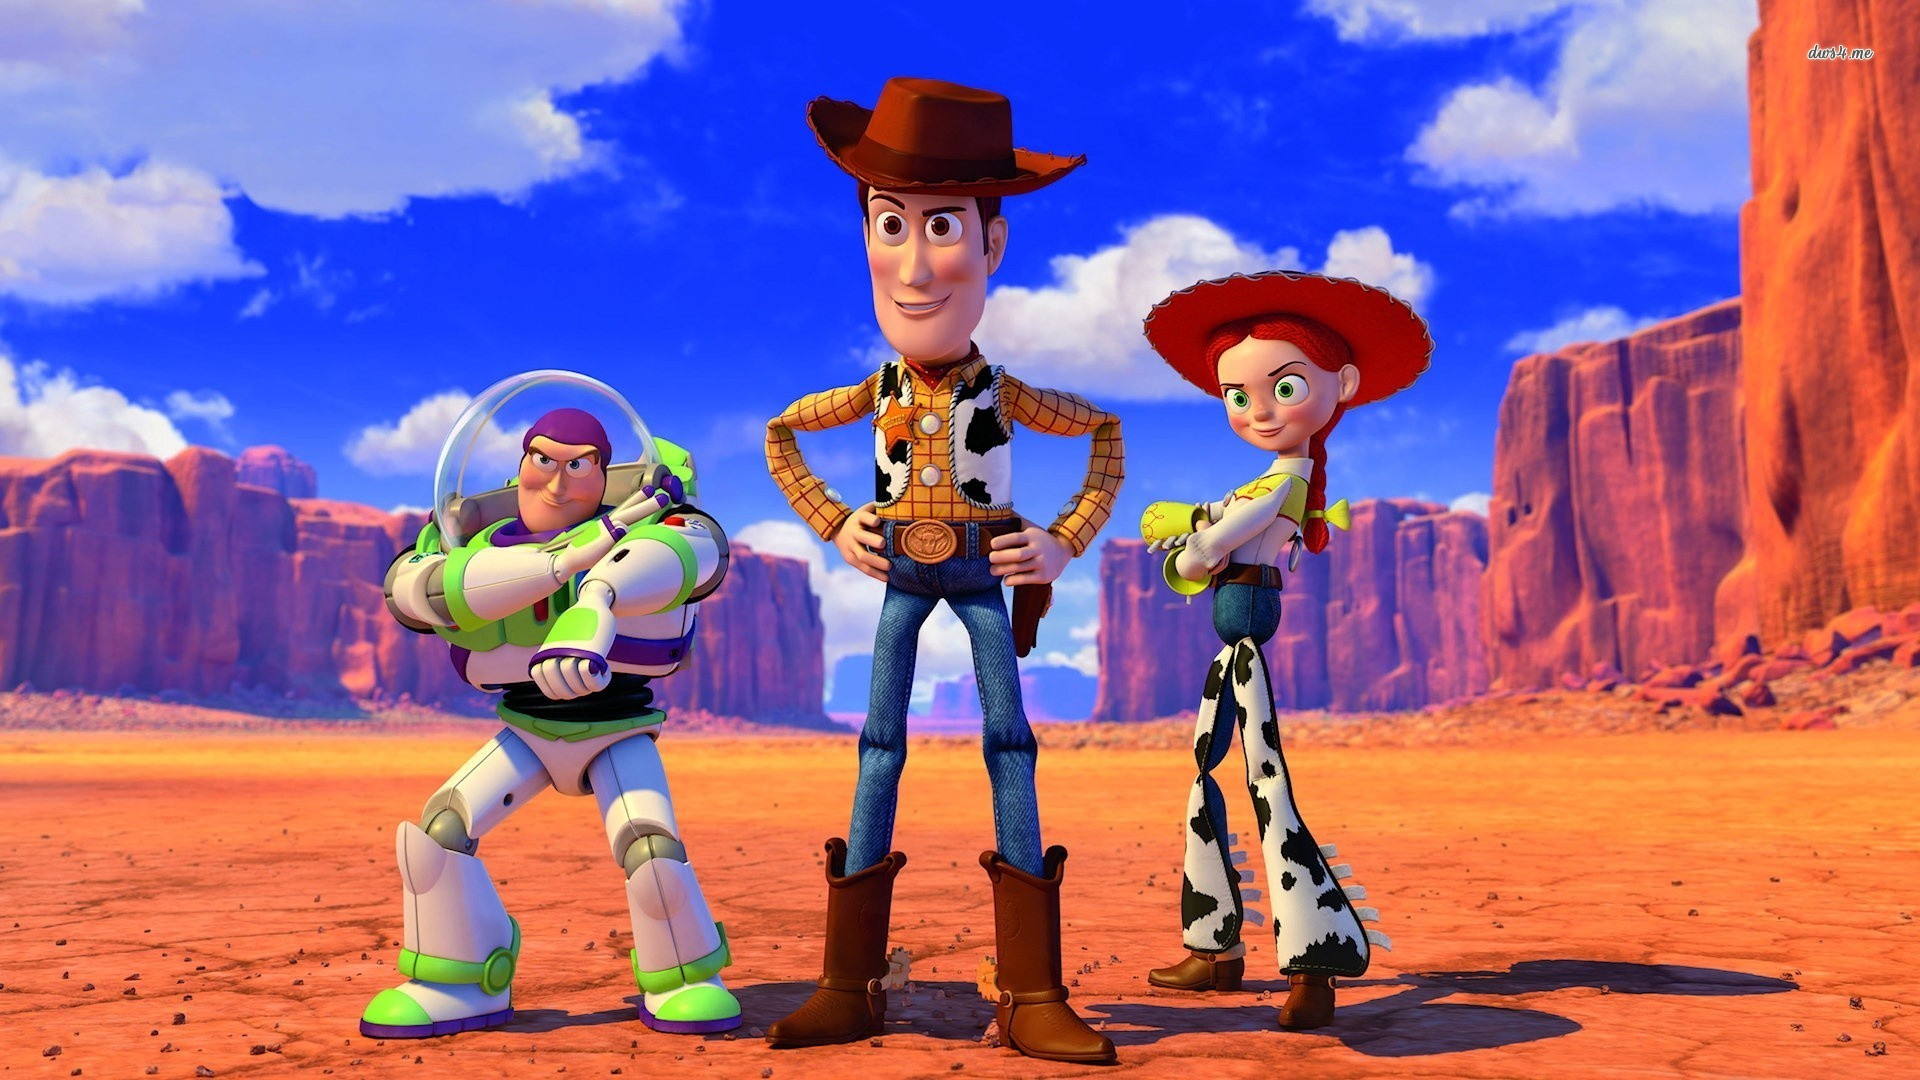 Buzz Lightyear Sheriff Woody Jessie   Toy Story wallpaper   773579 1920x1080